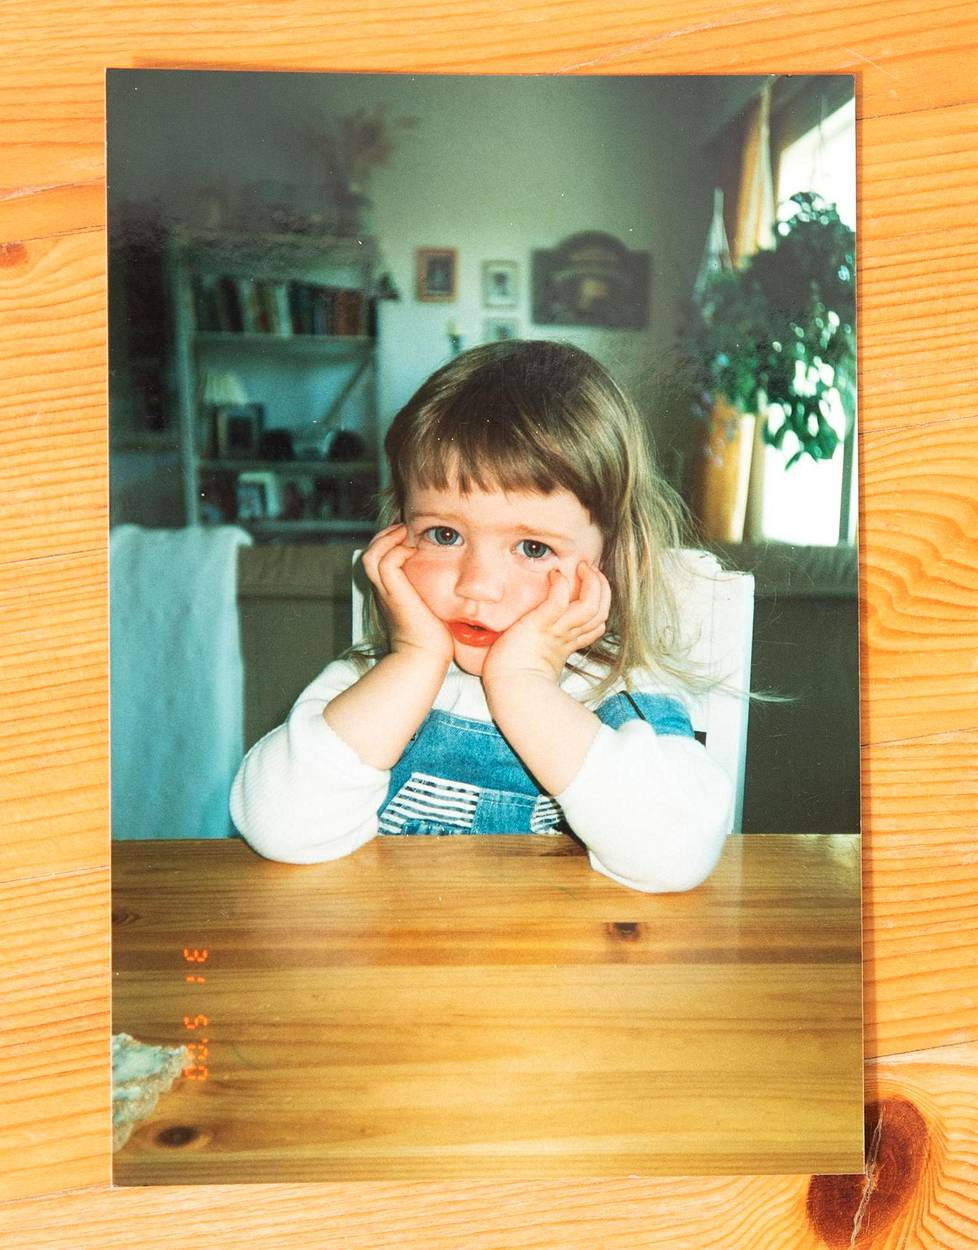 Äidin pieni tyttö. Kuvien katselu satuttaa, kun äidin ikävä on kova.